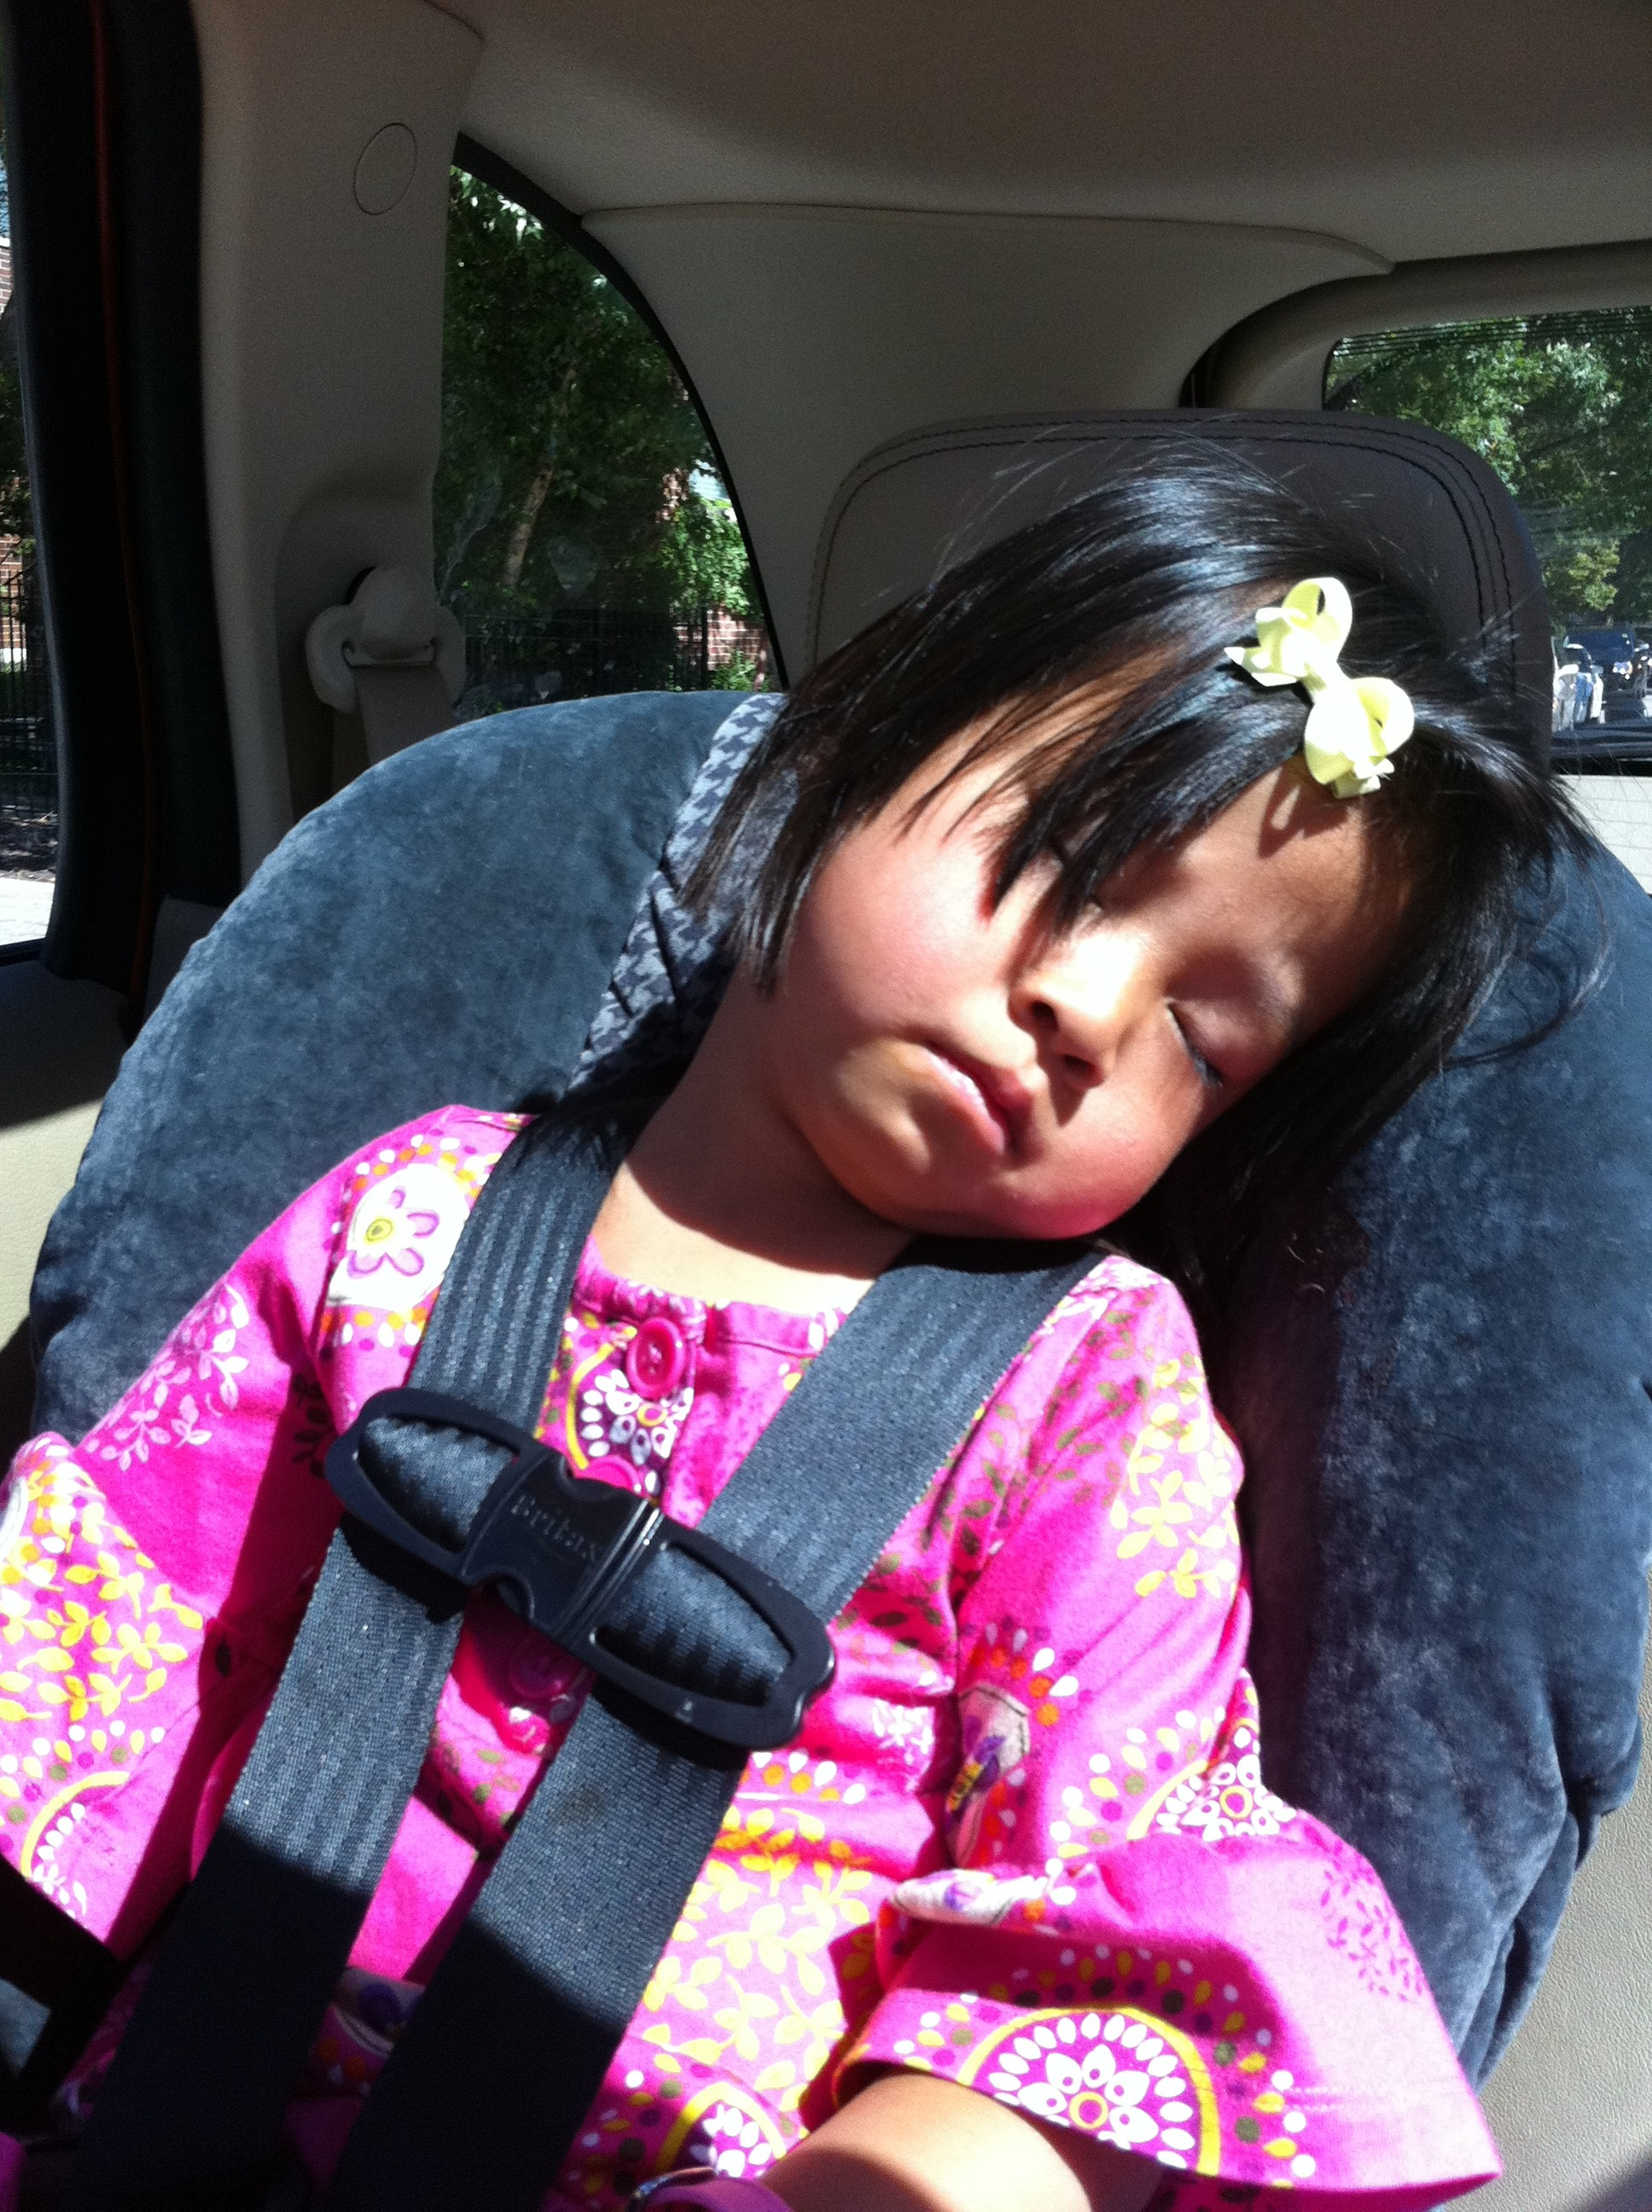 Kid nap